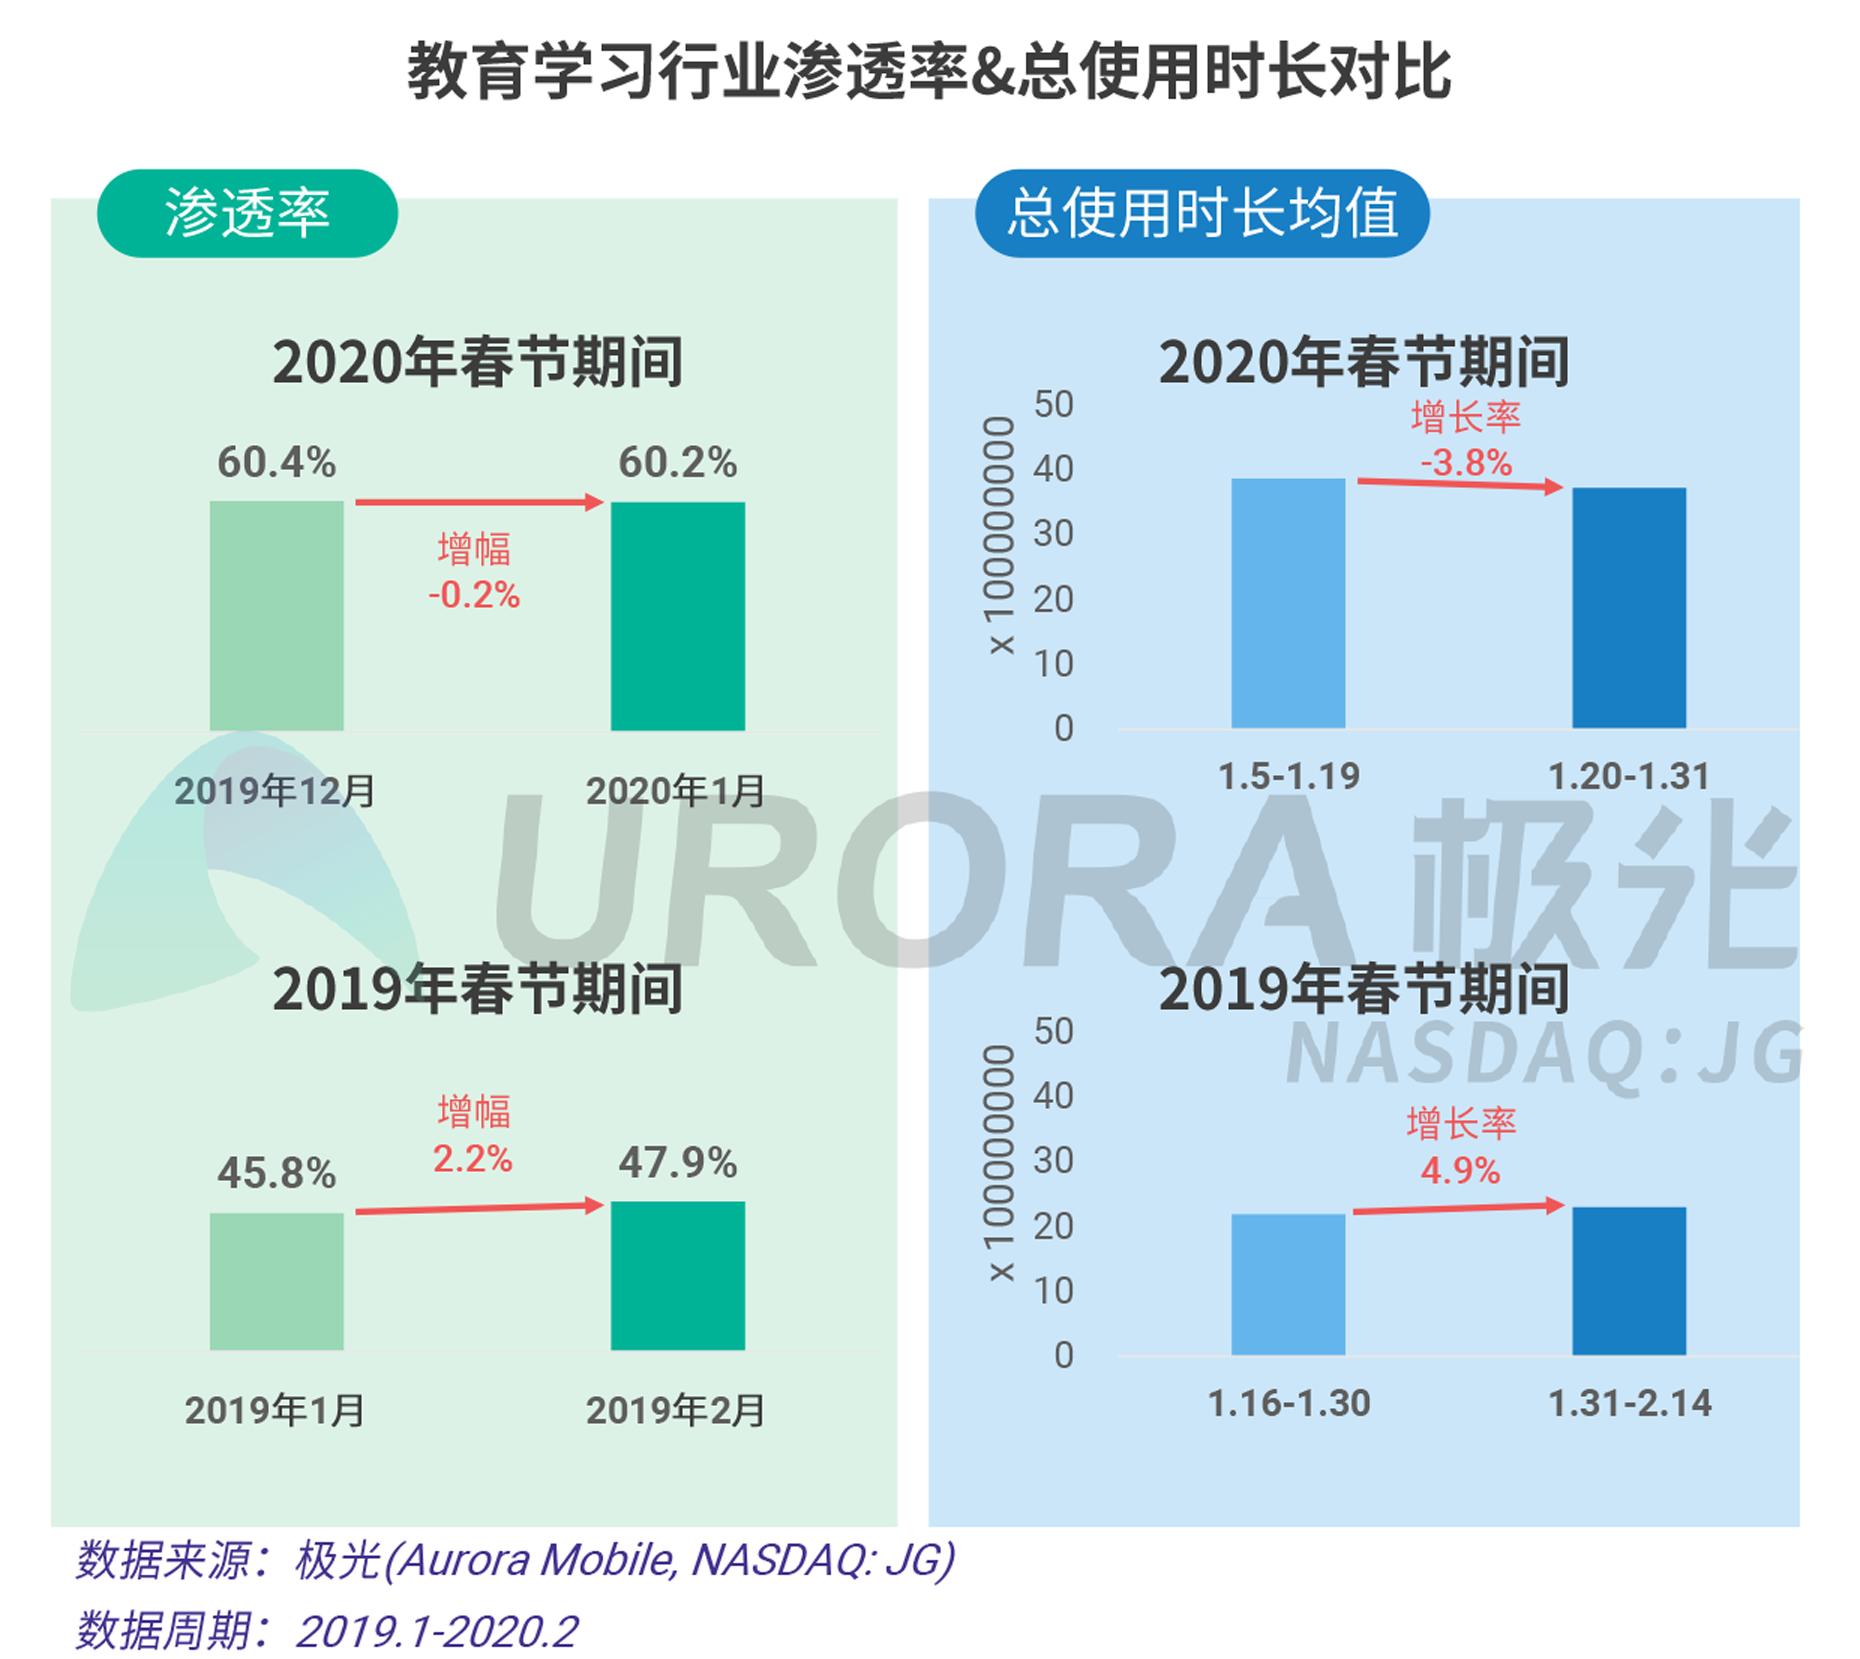 2020年春节移动互联行业热点观察V20-17.png